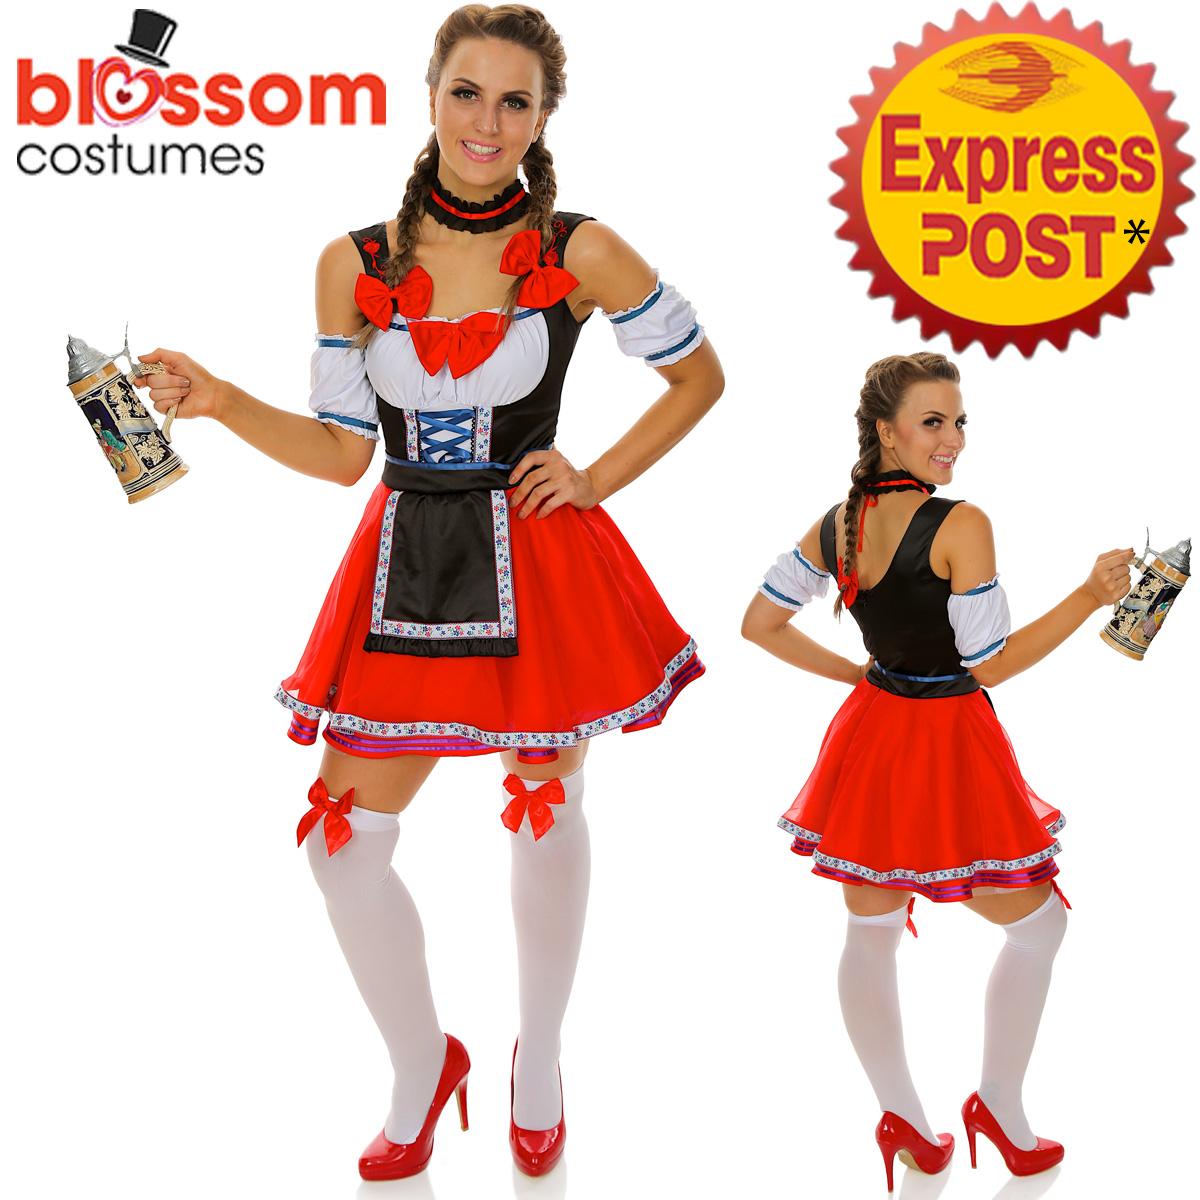 K246 ladies german beer maid bavarian oktoberfest outfit fancy dress image is loading k246 ladies german beer maid bavarian oktoberfest outfit solutioingenieria Images